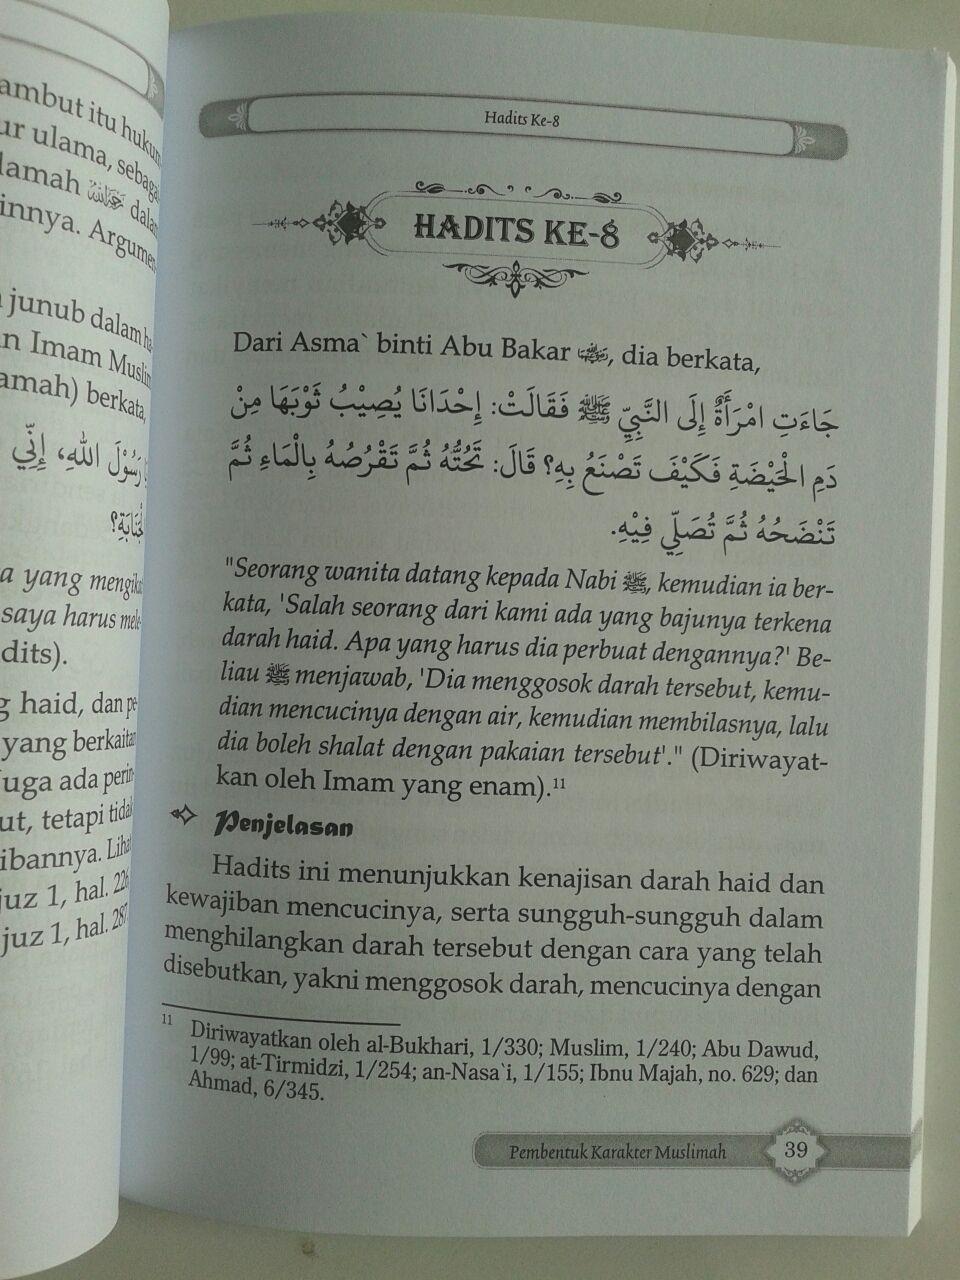 Buku 40 Hadits Pilihan Pembentuk Karakter Muslimah isi